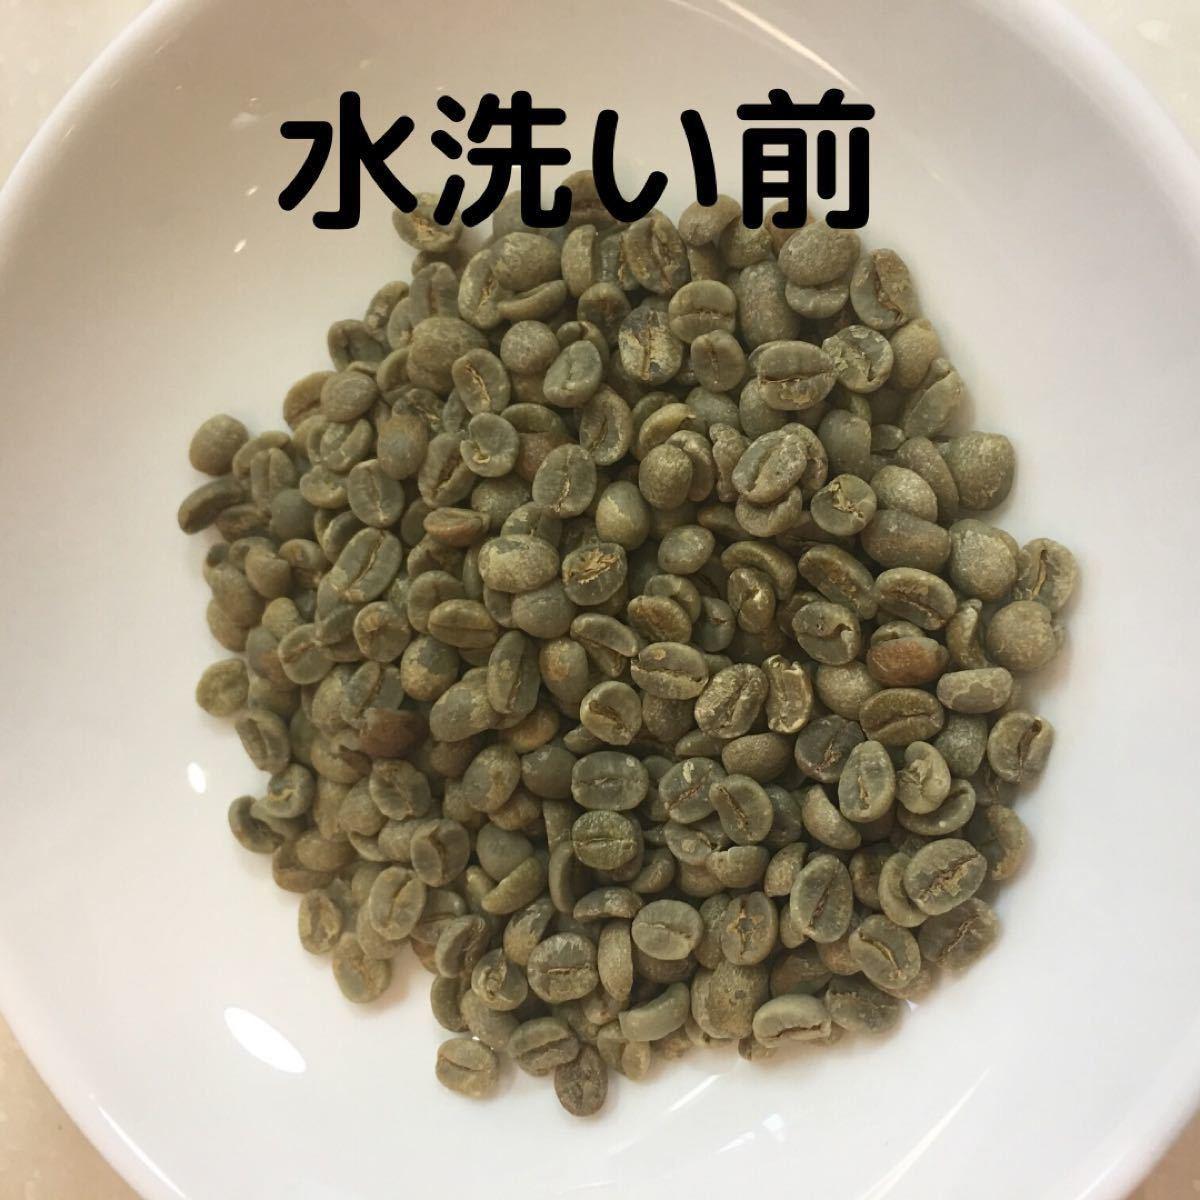 自家焙煎 ブラジル トミオフクダ ドライオンツリー300g(豆又は粉)匿名配送